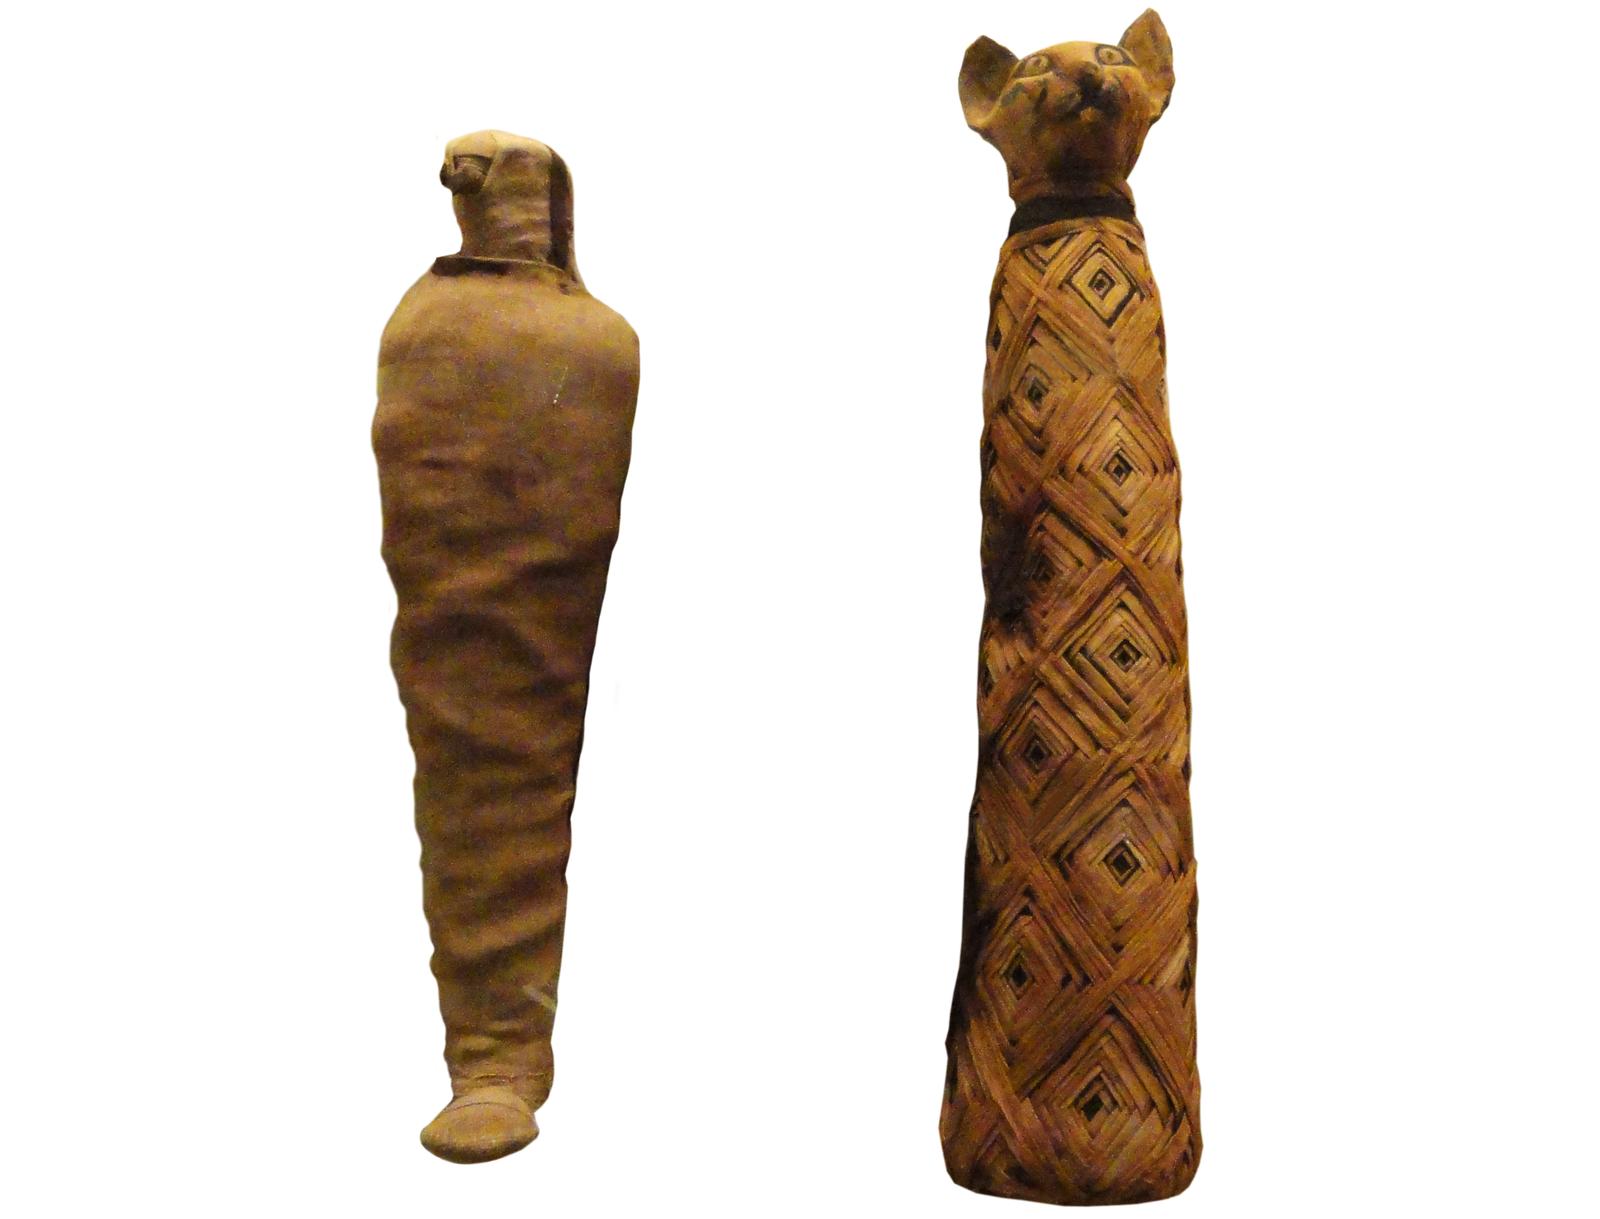 Mumie zwierząt odkopane przez archeologów, obecnie przechowywane wKrólewskim Muzeum wToronto wKanadzie Mumie zwierząt odkopane przez archeologów, obecnie przechowywane wKrólewskim Muzeum wToronto wKanadzie Źródło: domena publiczna.